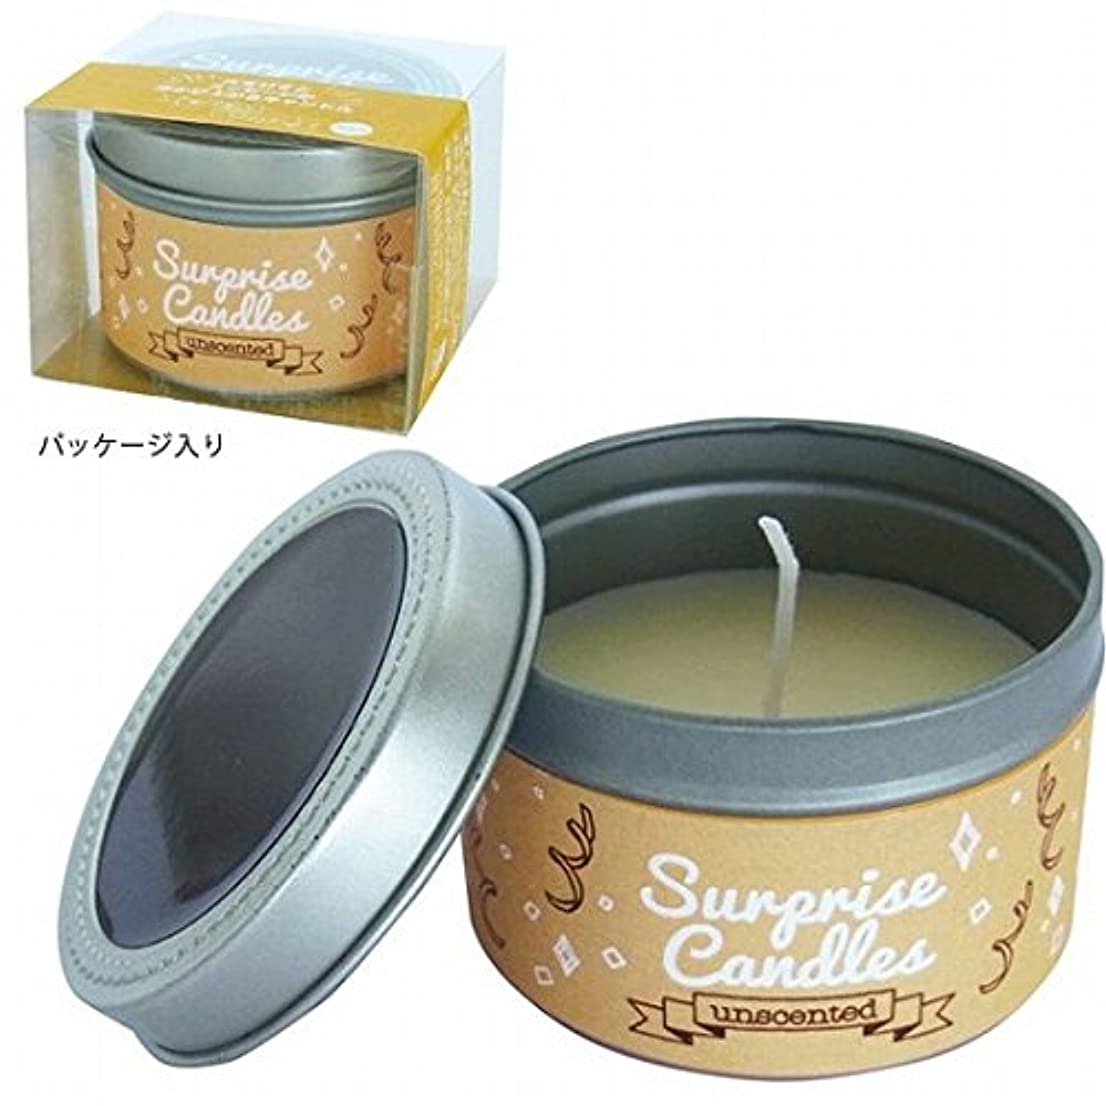 絶対の提供する体系的にカメヤマキャンドル( kameyama candle ) サプライズキャンドル 「無香」